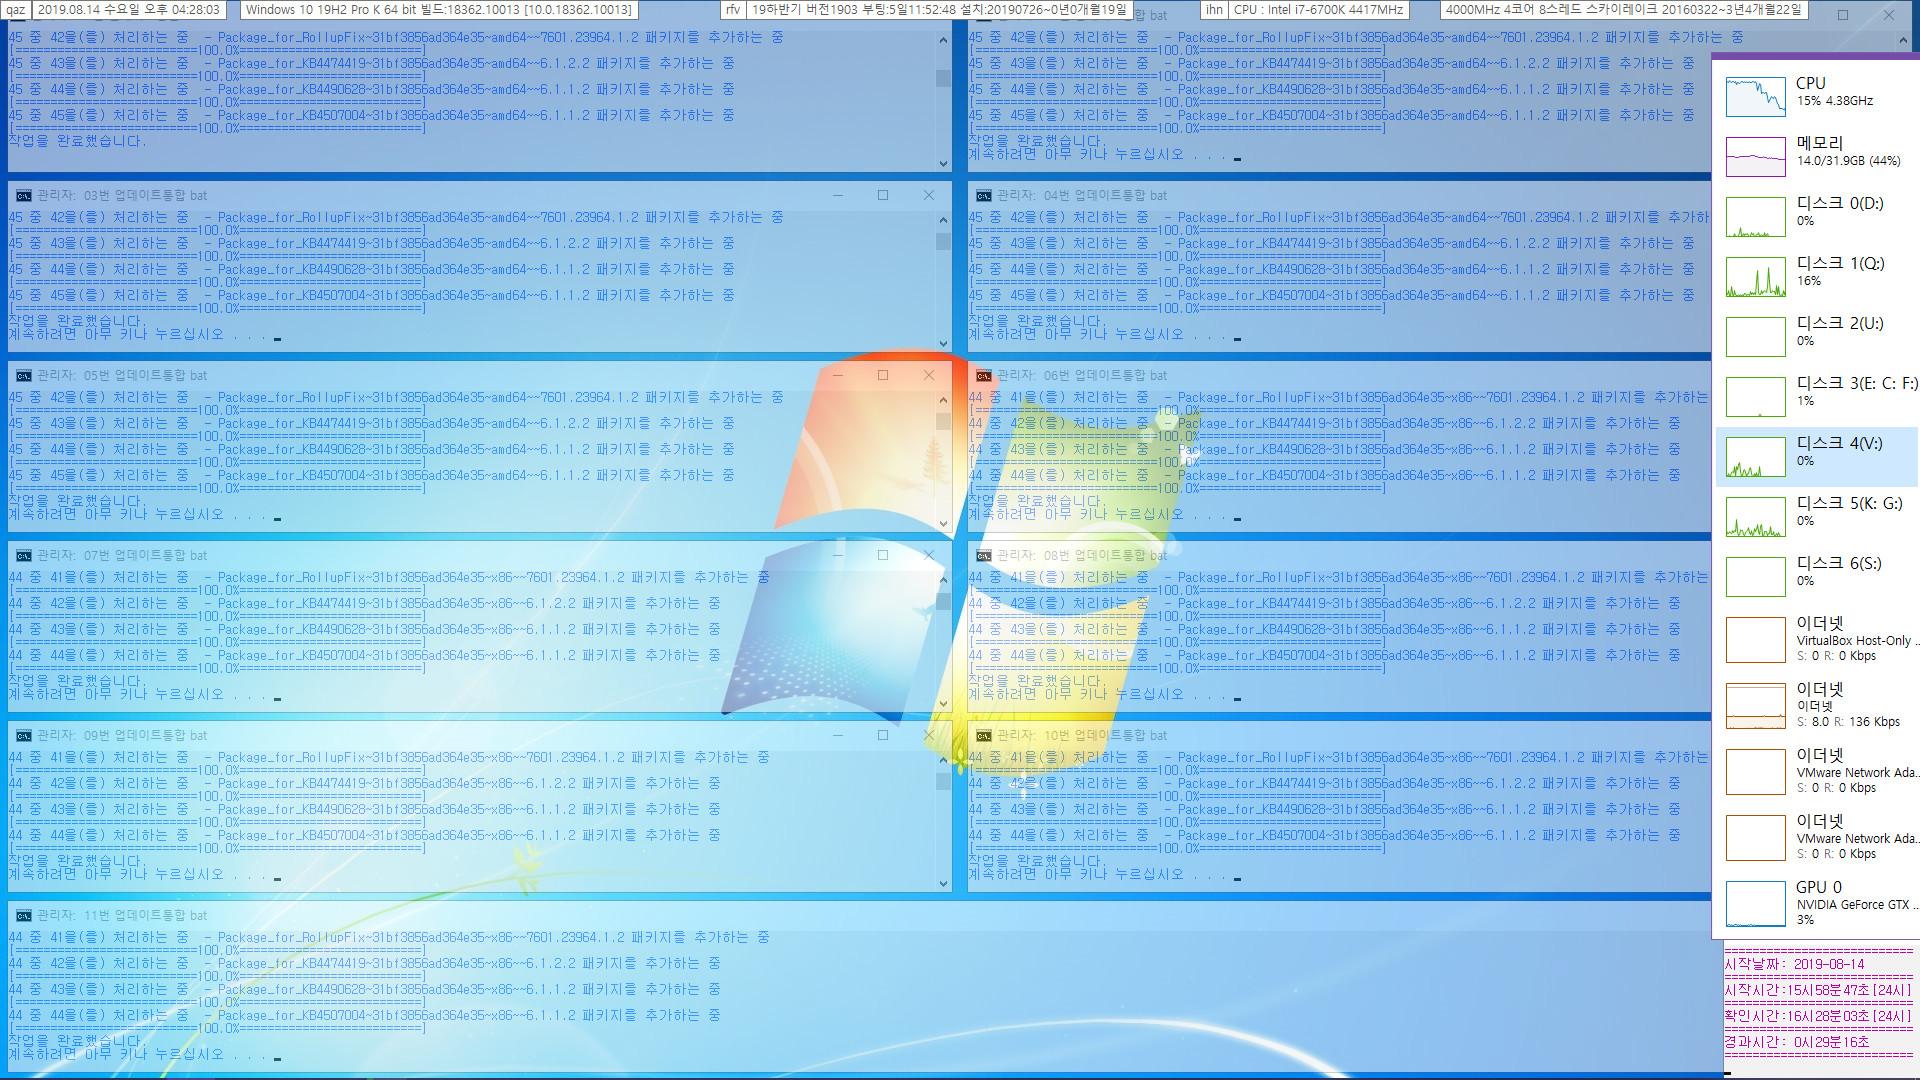 2019-08-14 정기 업데이트 나왔네요 -  Windows 7 롤업 업데이트 KB4512506 (OS 빌드 7601.24511) [2019-08-13 일자] IE11 통합중 입니다 - 통합 에러 생기네요 - dism++ 으로 간신히 롤업 업데이트 통합 성공했습니다 2019-08-14_162803.jpg